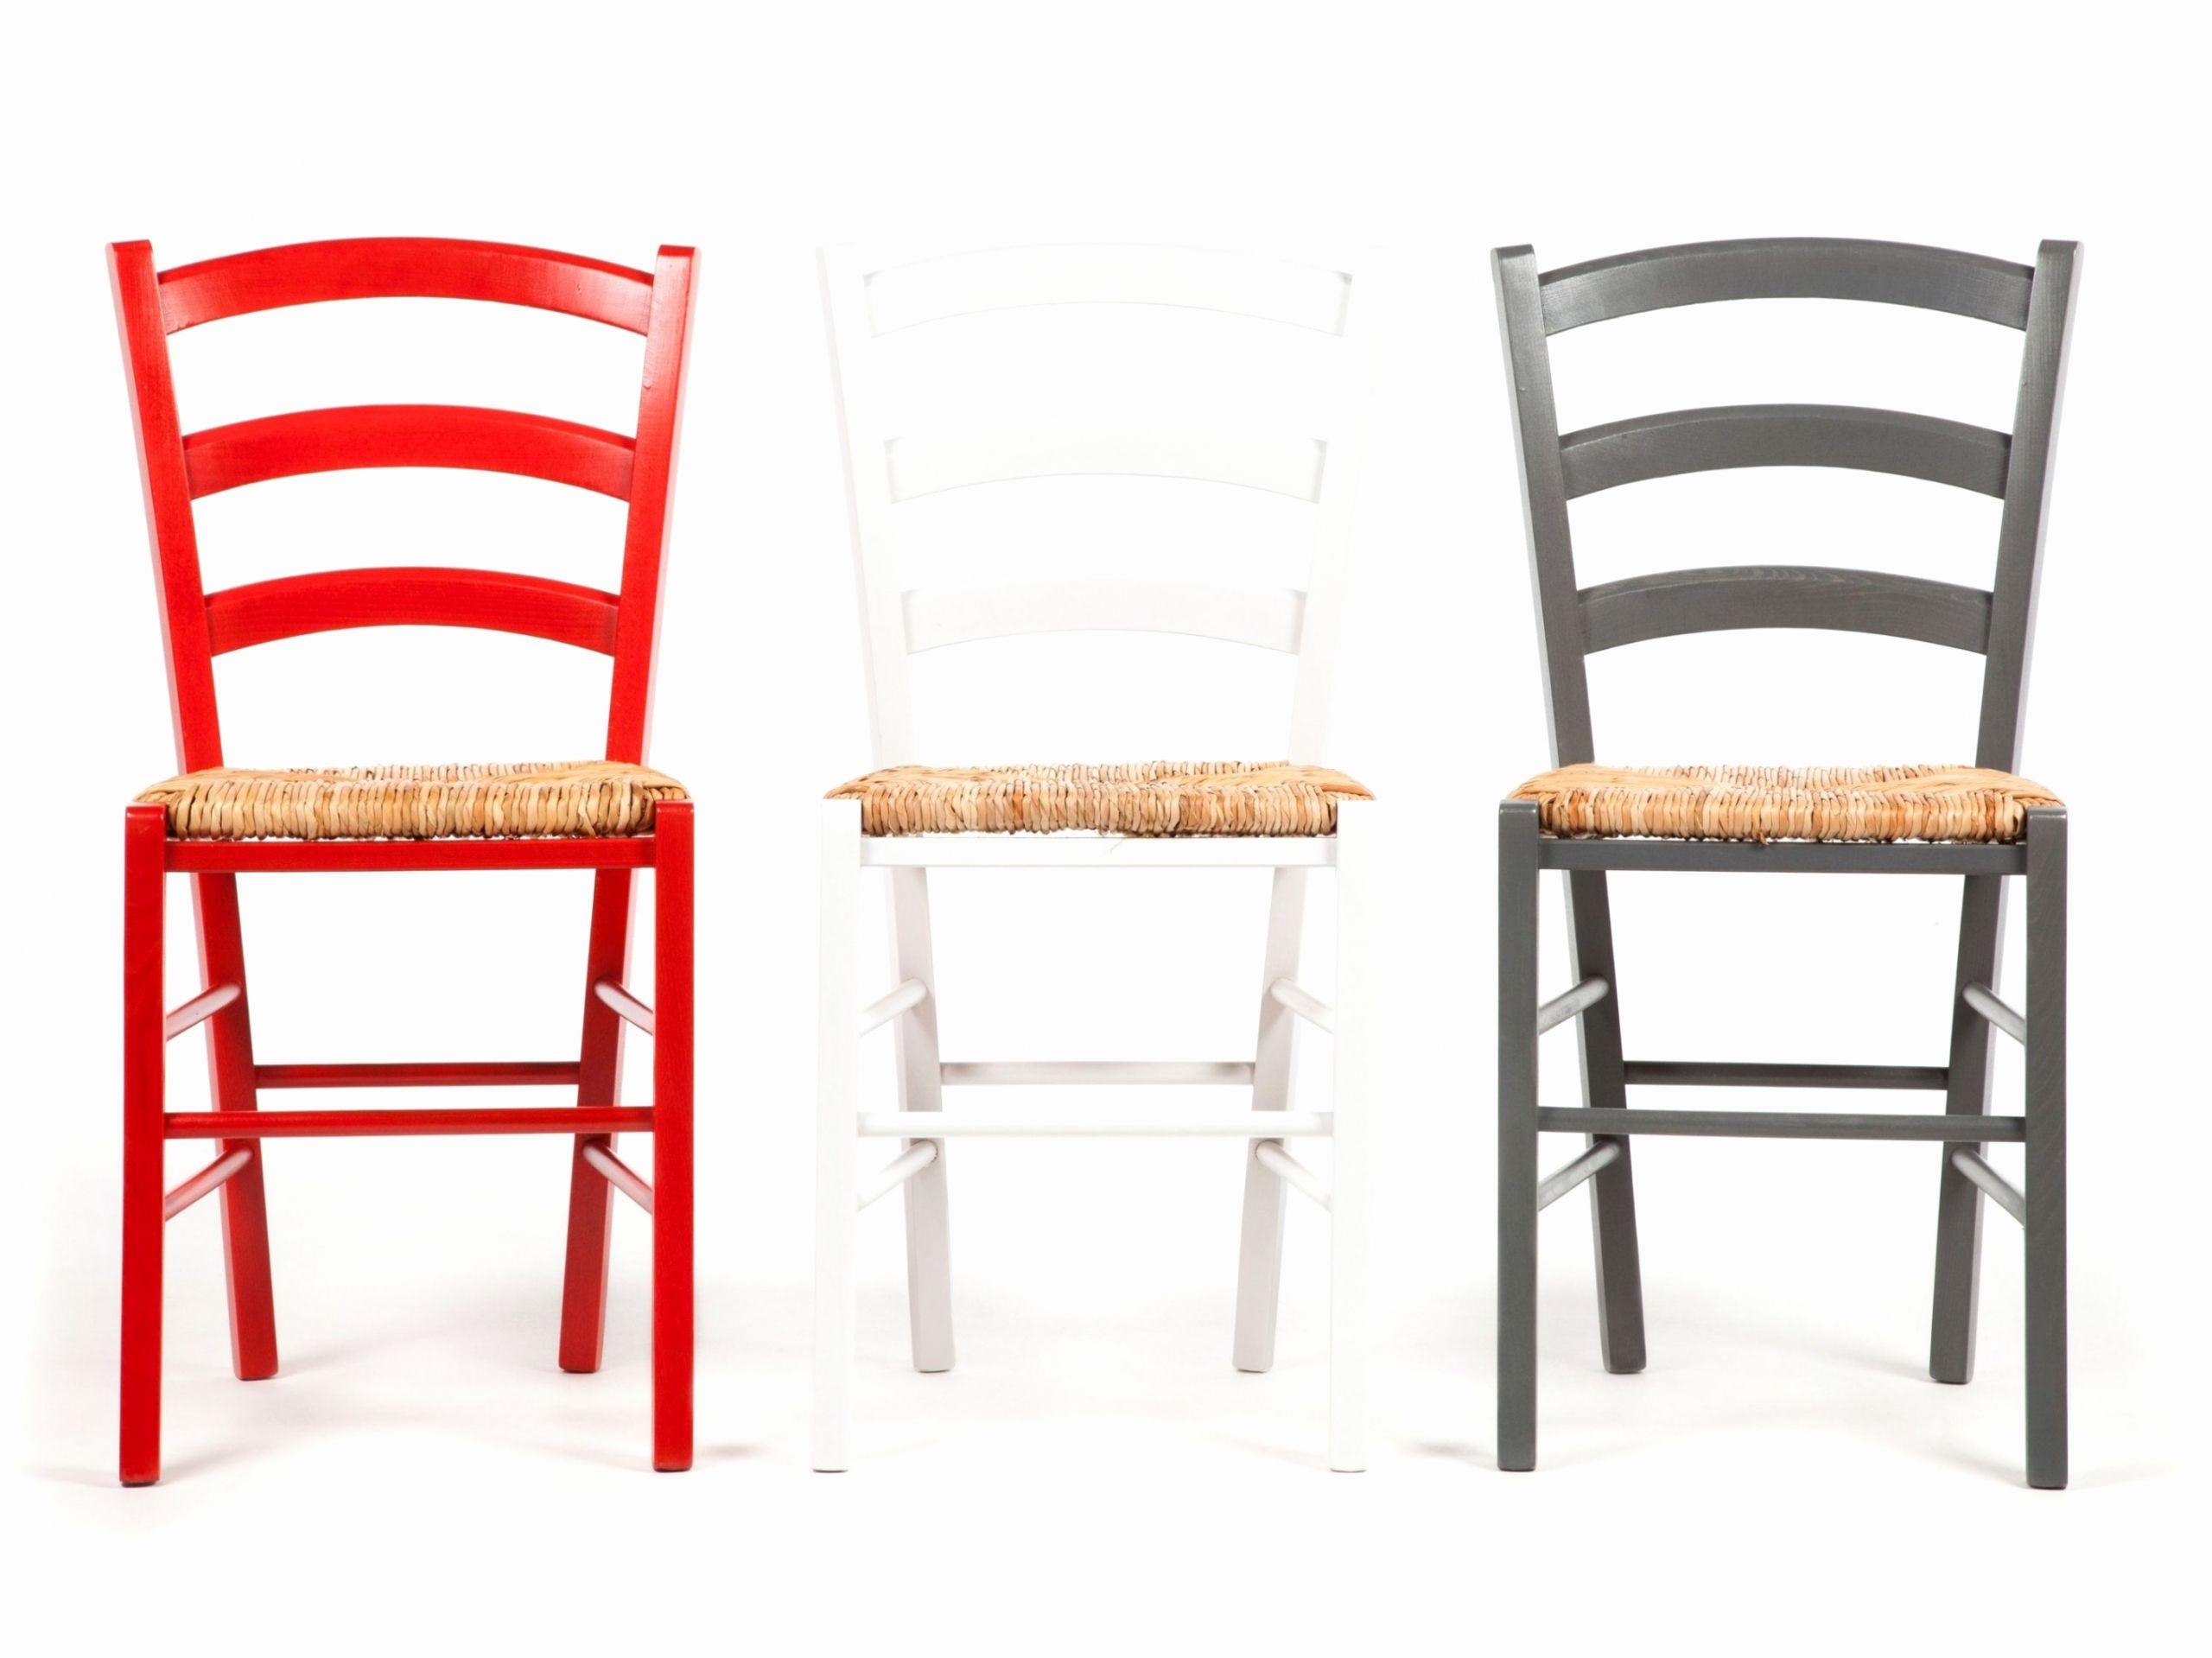 fauteuil relax scandinave luxe leroy merlin chaise fauteuil relax salon meilleur fauteuil salon 0d of fauteuil relax scandinave